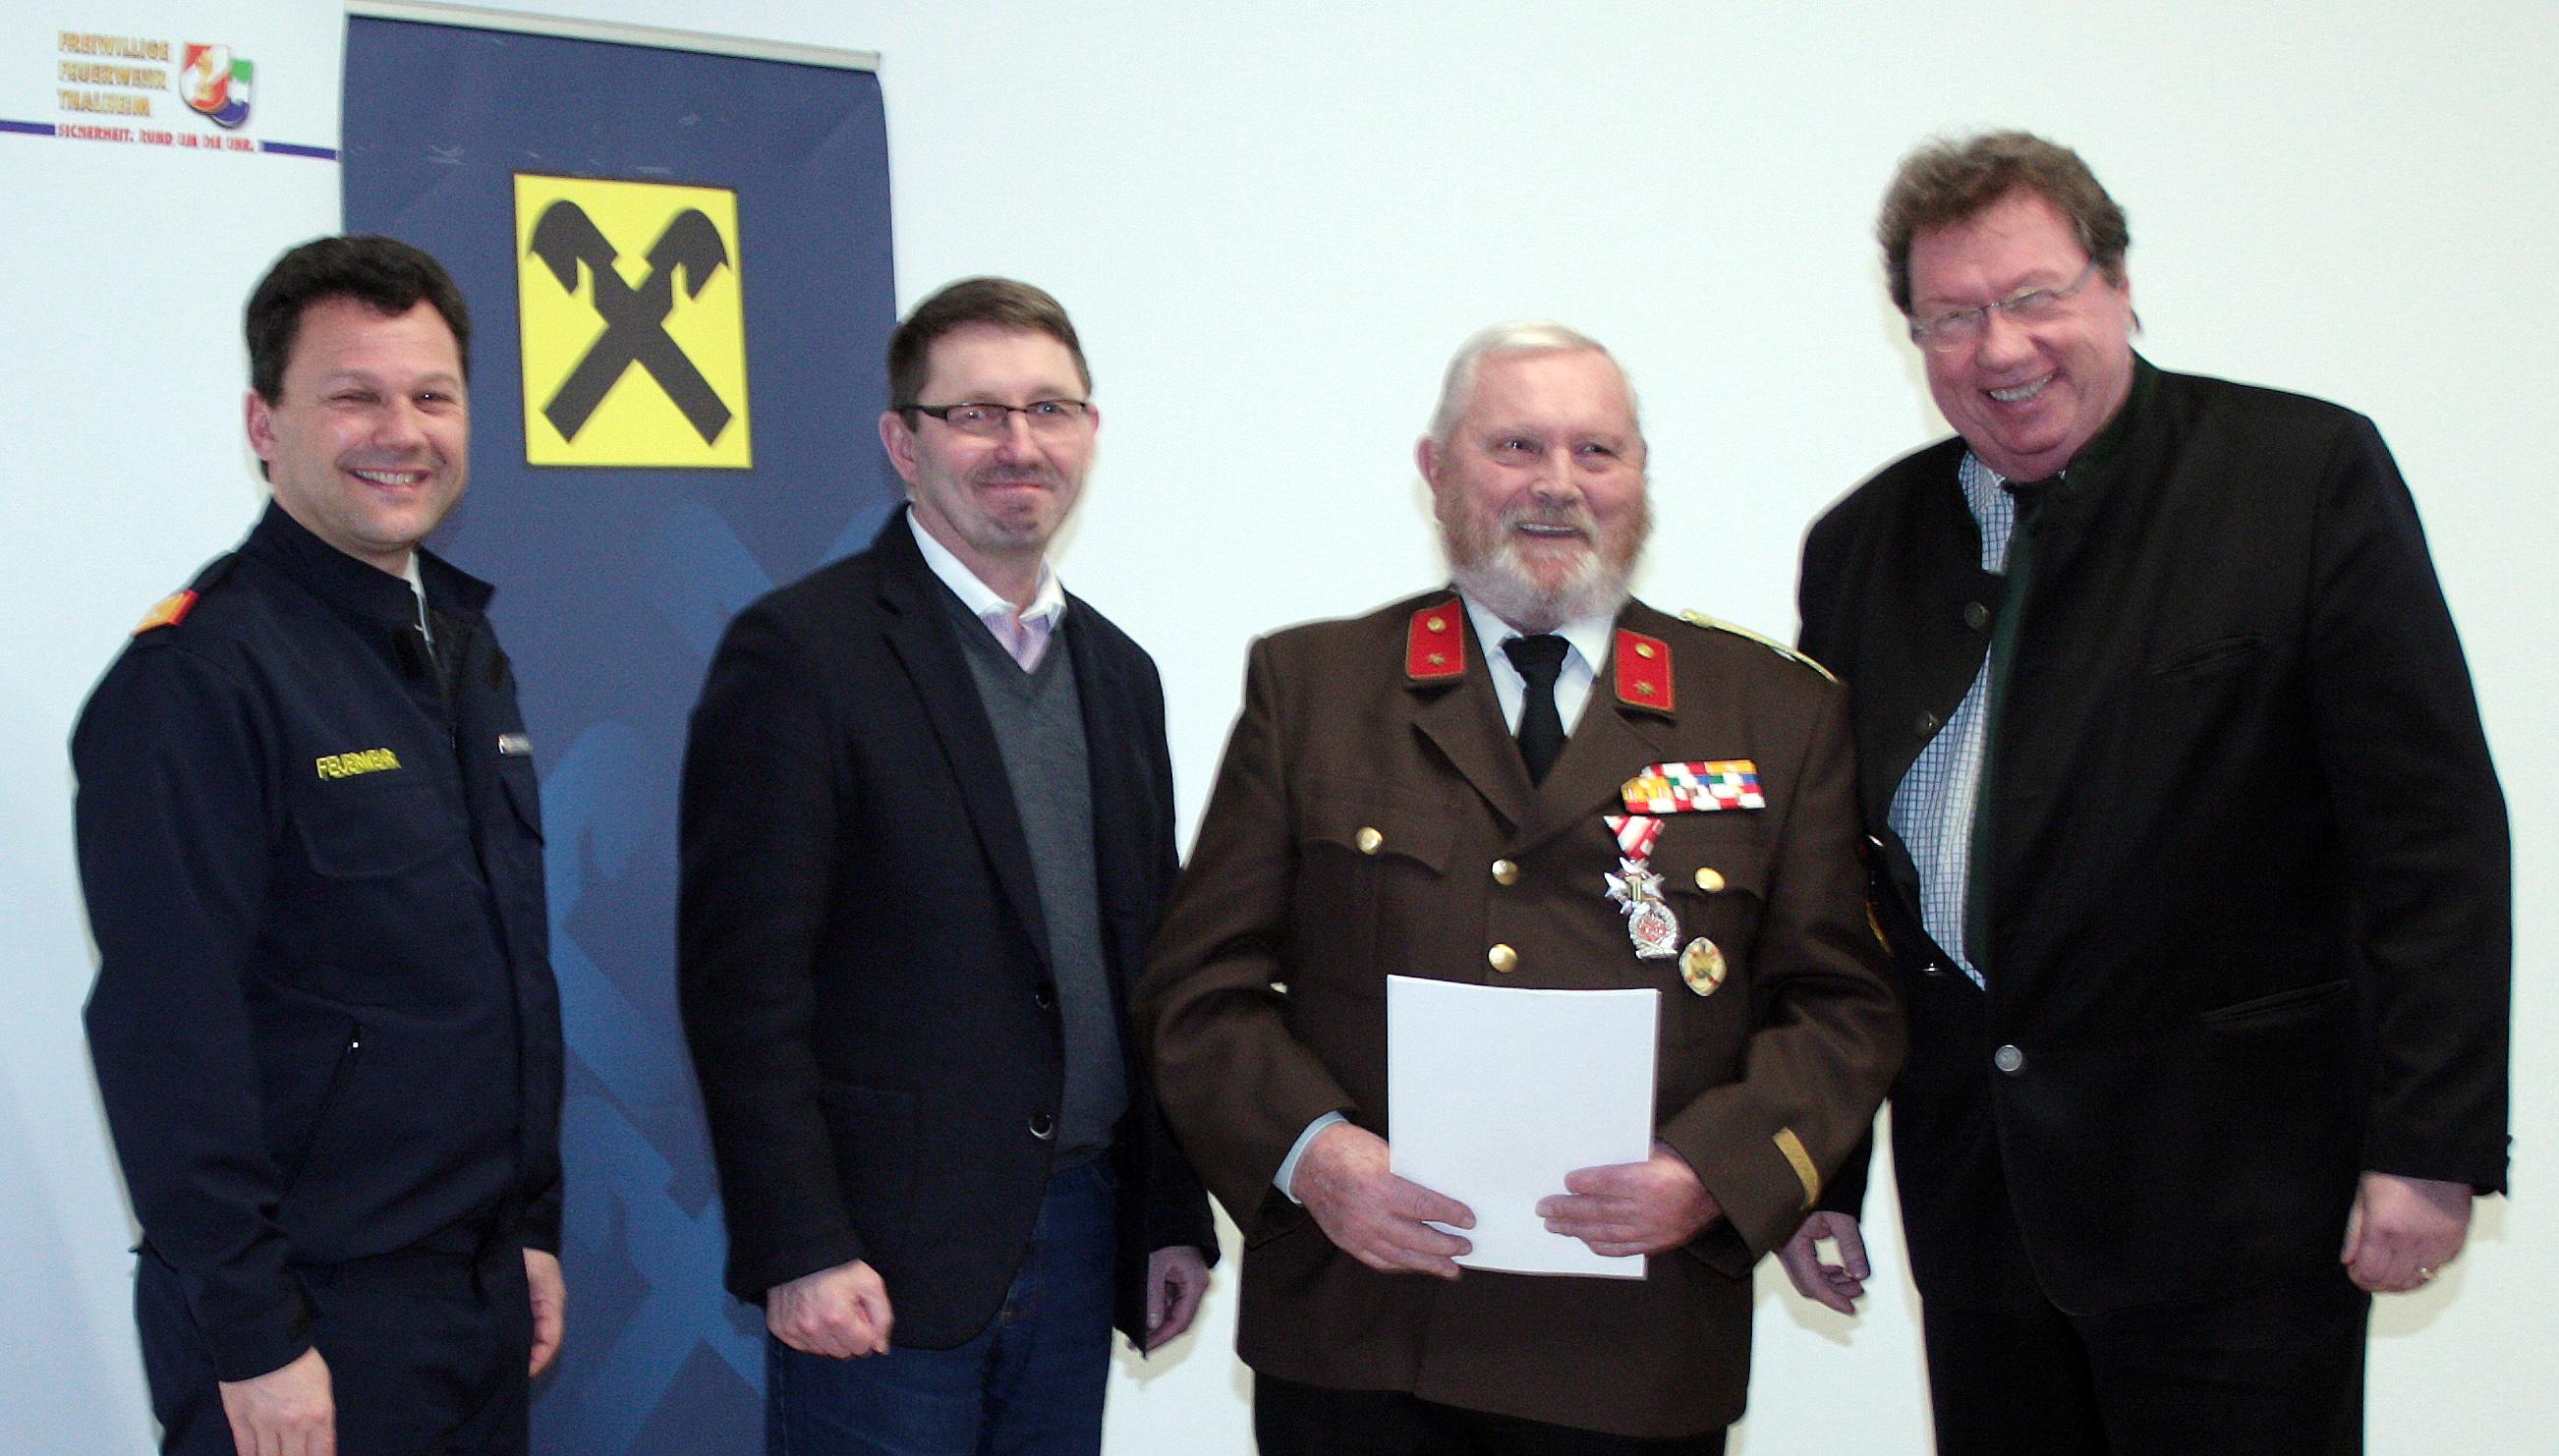 20150313 Auszeichnung 60 Jahre Johann Rathberger 8915